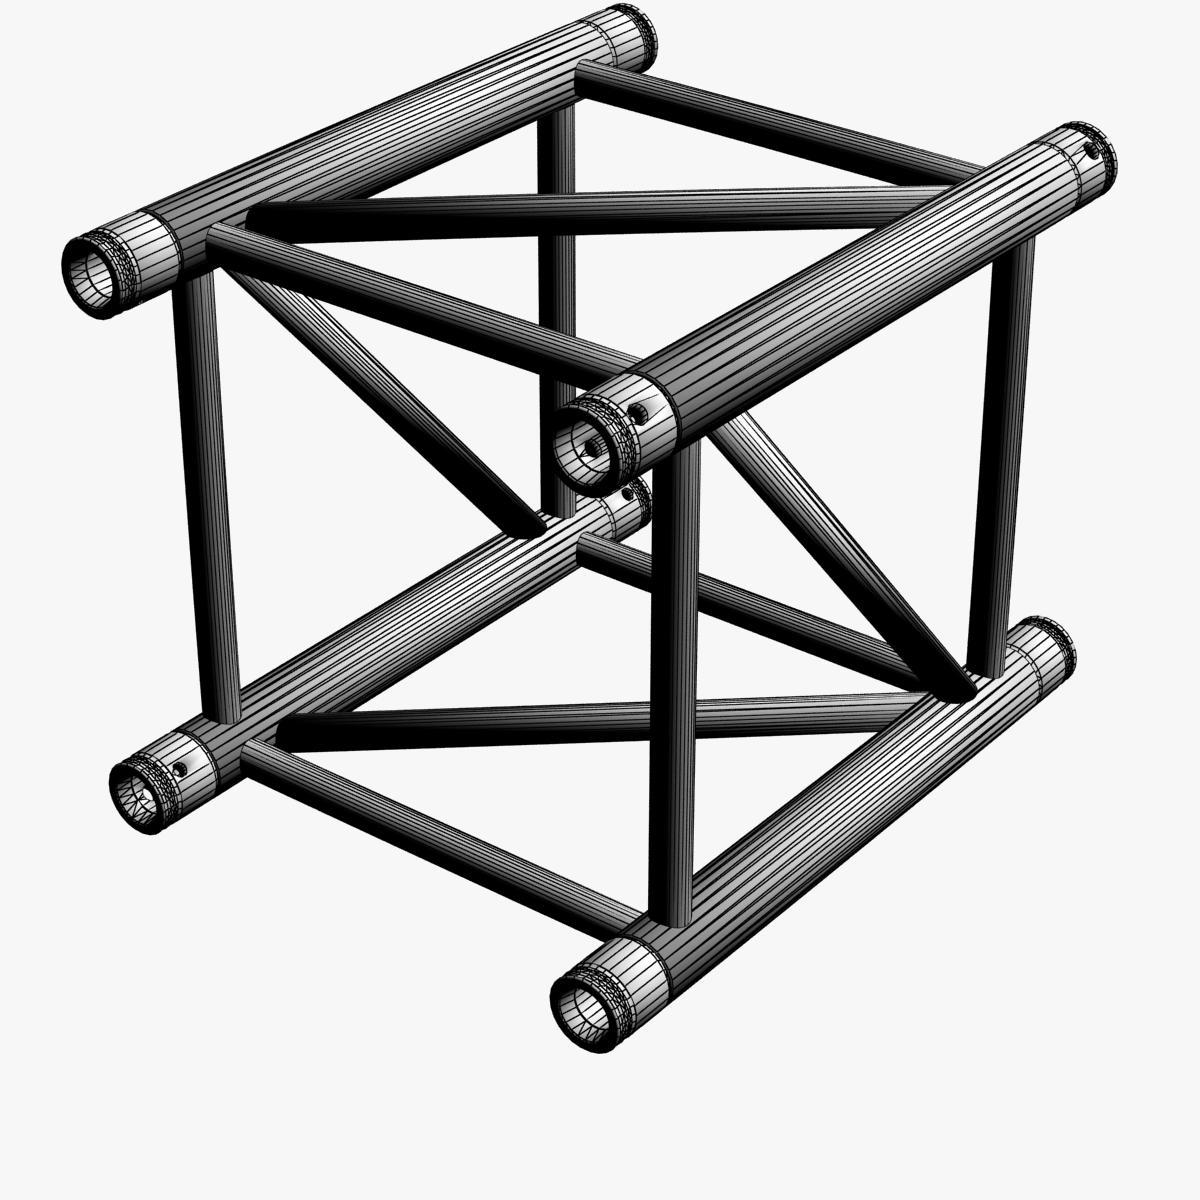 square light trusses (collection 50 modular) 3d model 3ds max dxf fbx c4d dae texture obj 216201